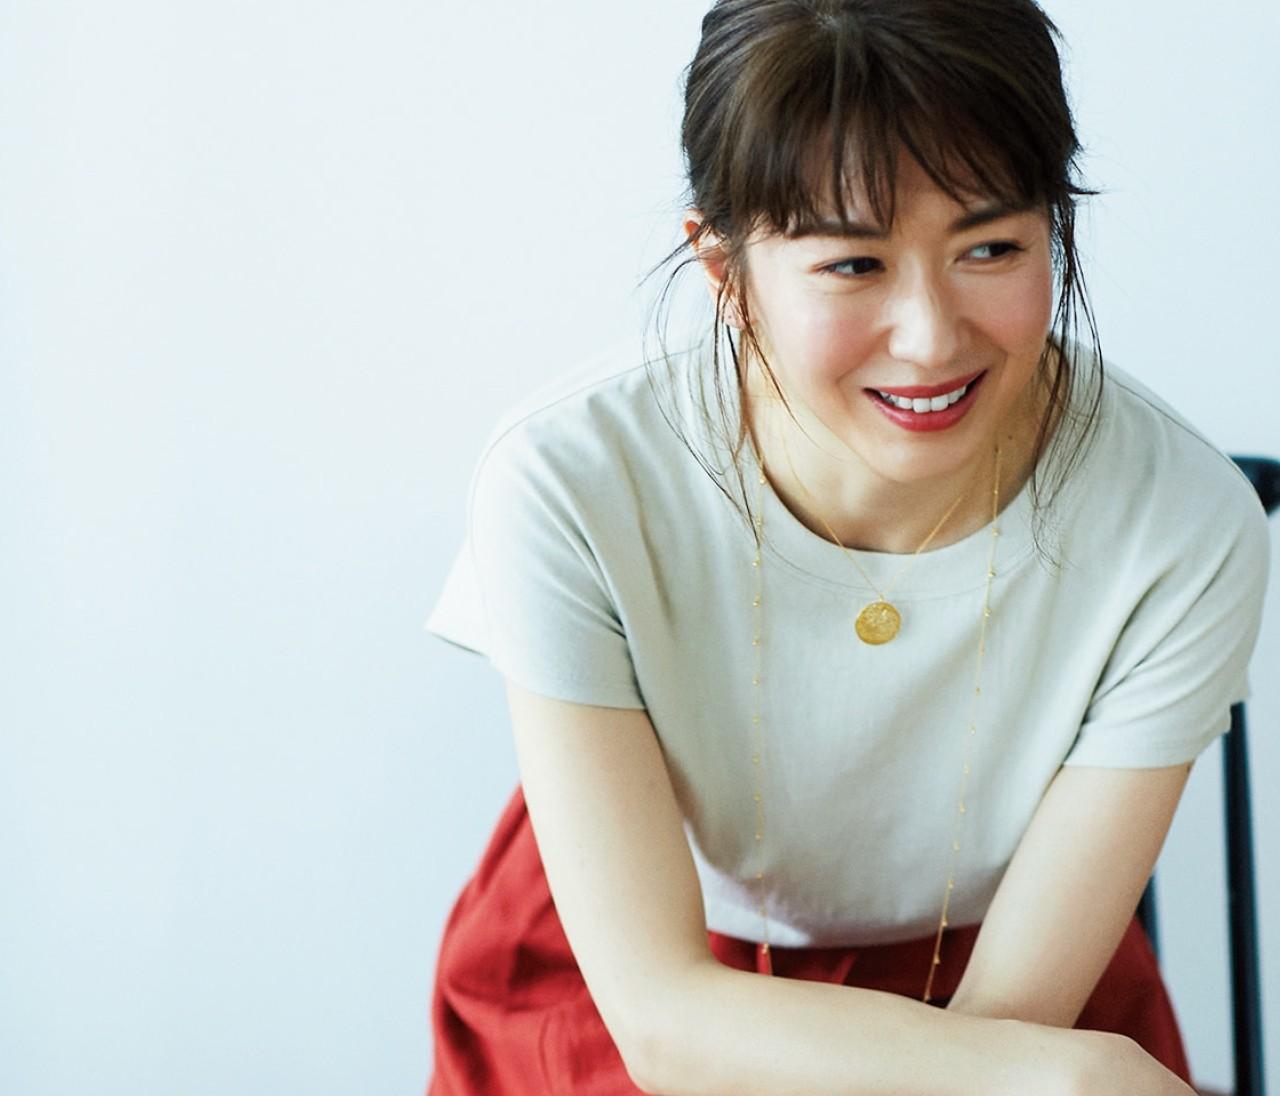 【伊藤真知さんが選ぶ夏ユニクロ】¥1000Tシャツは「アースカラー」を選ぶ